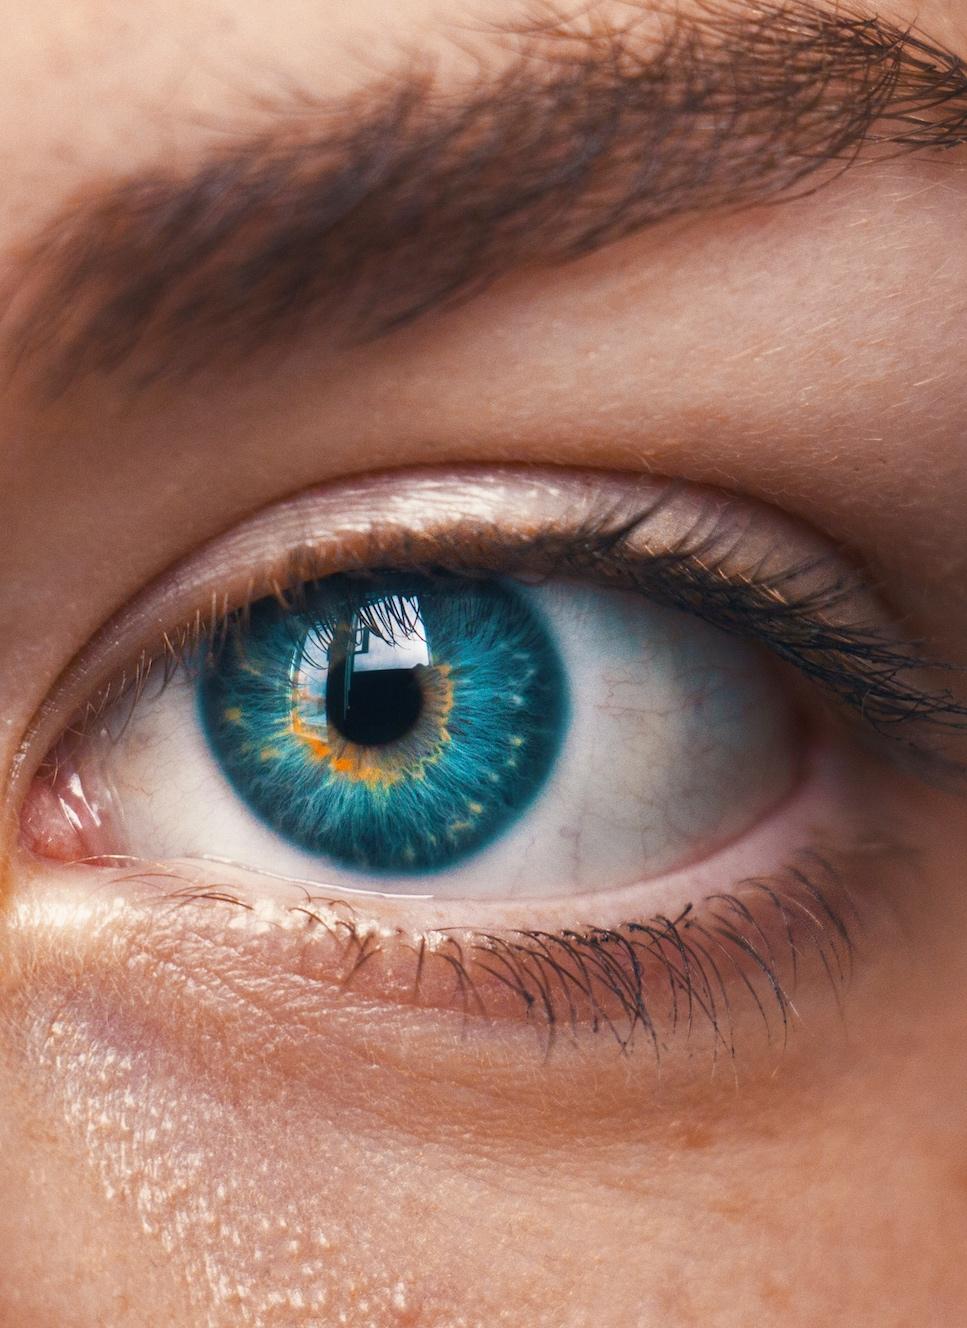 a person's blue eye